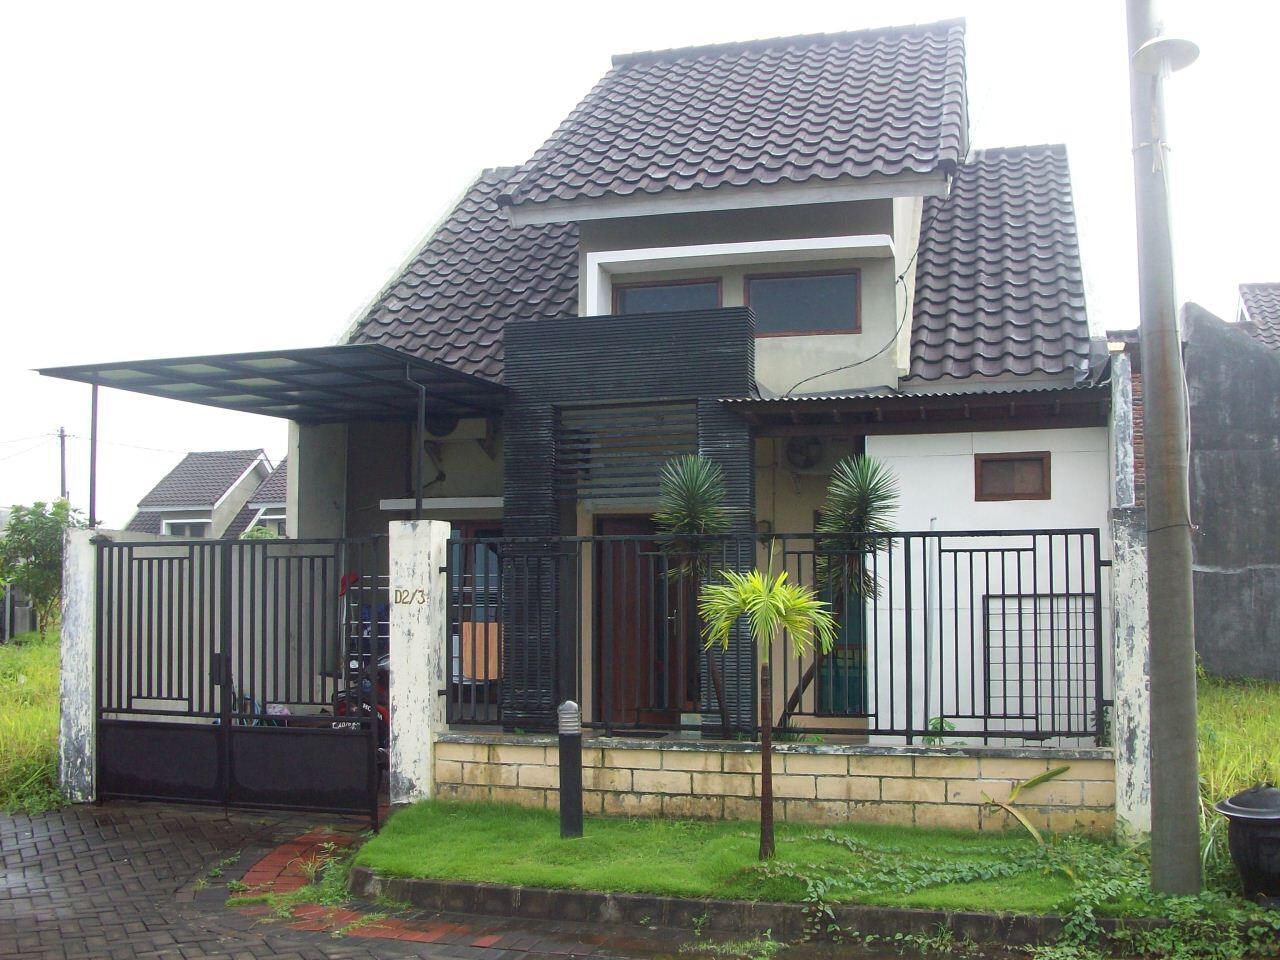 jual rumah murah, tenang dan nyaman di Selatan Surabaya